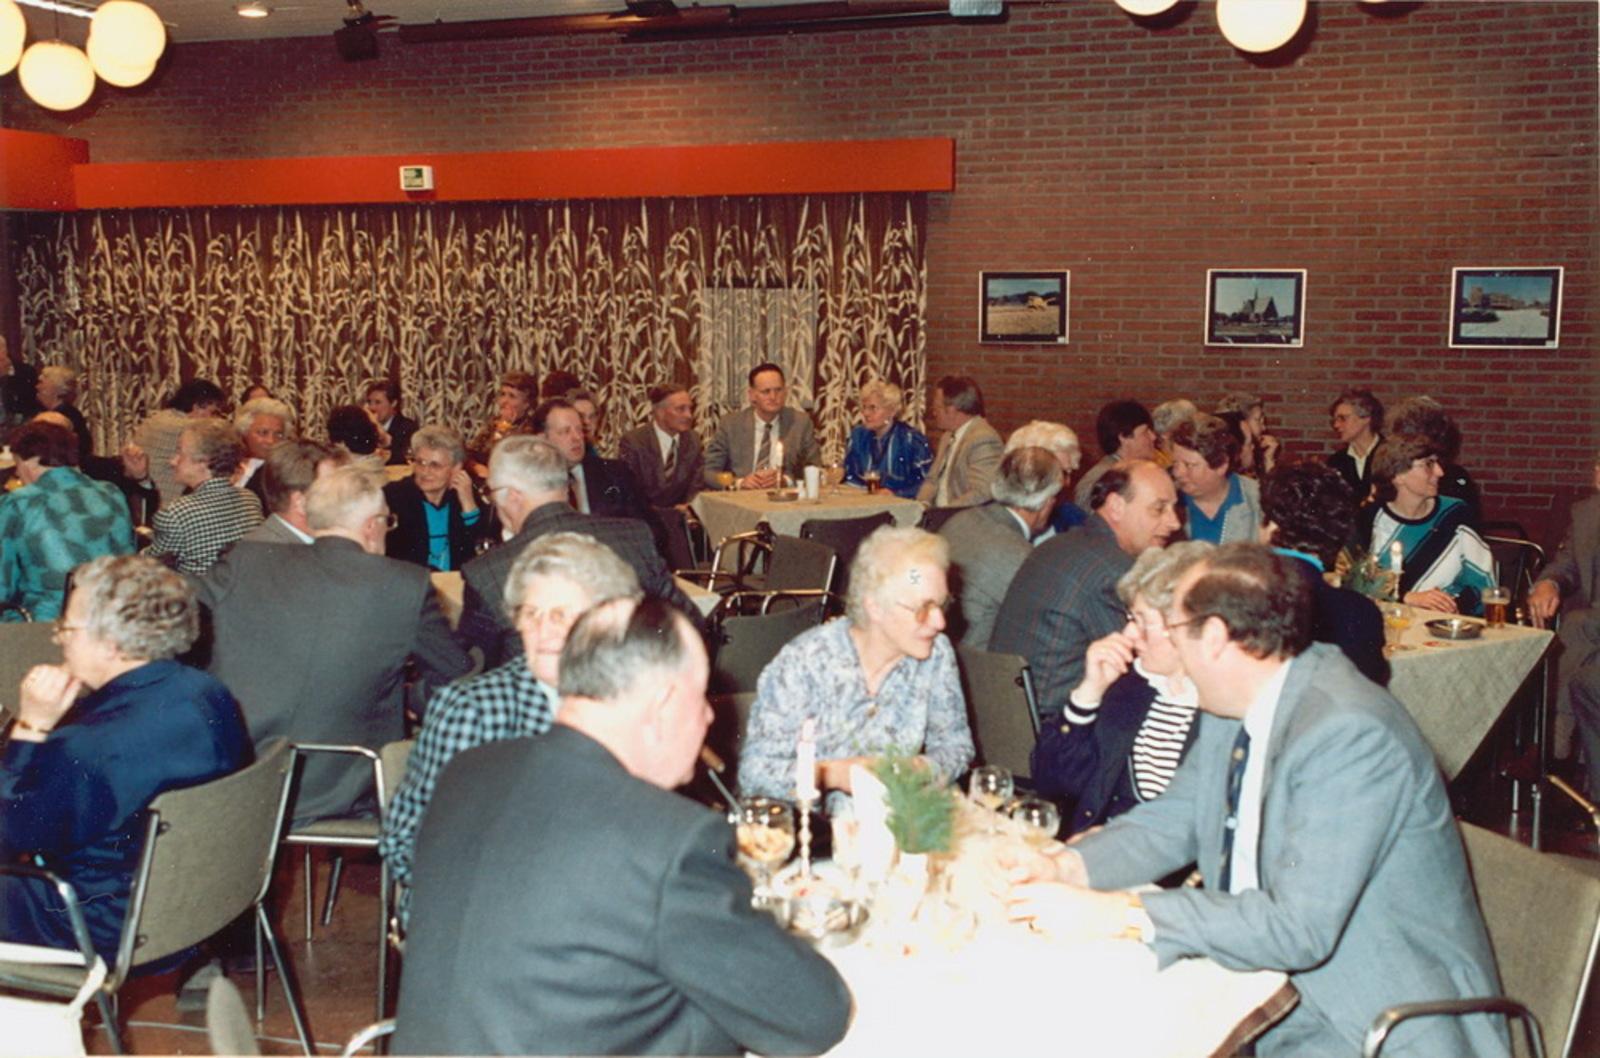 Marktlaan O 0022 1988 Sigarenboer Kraak 50jr Jub en Sluiting 64